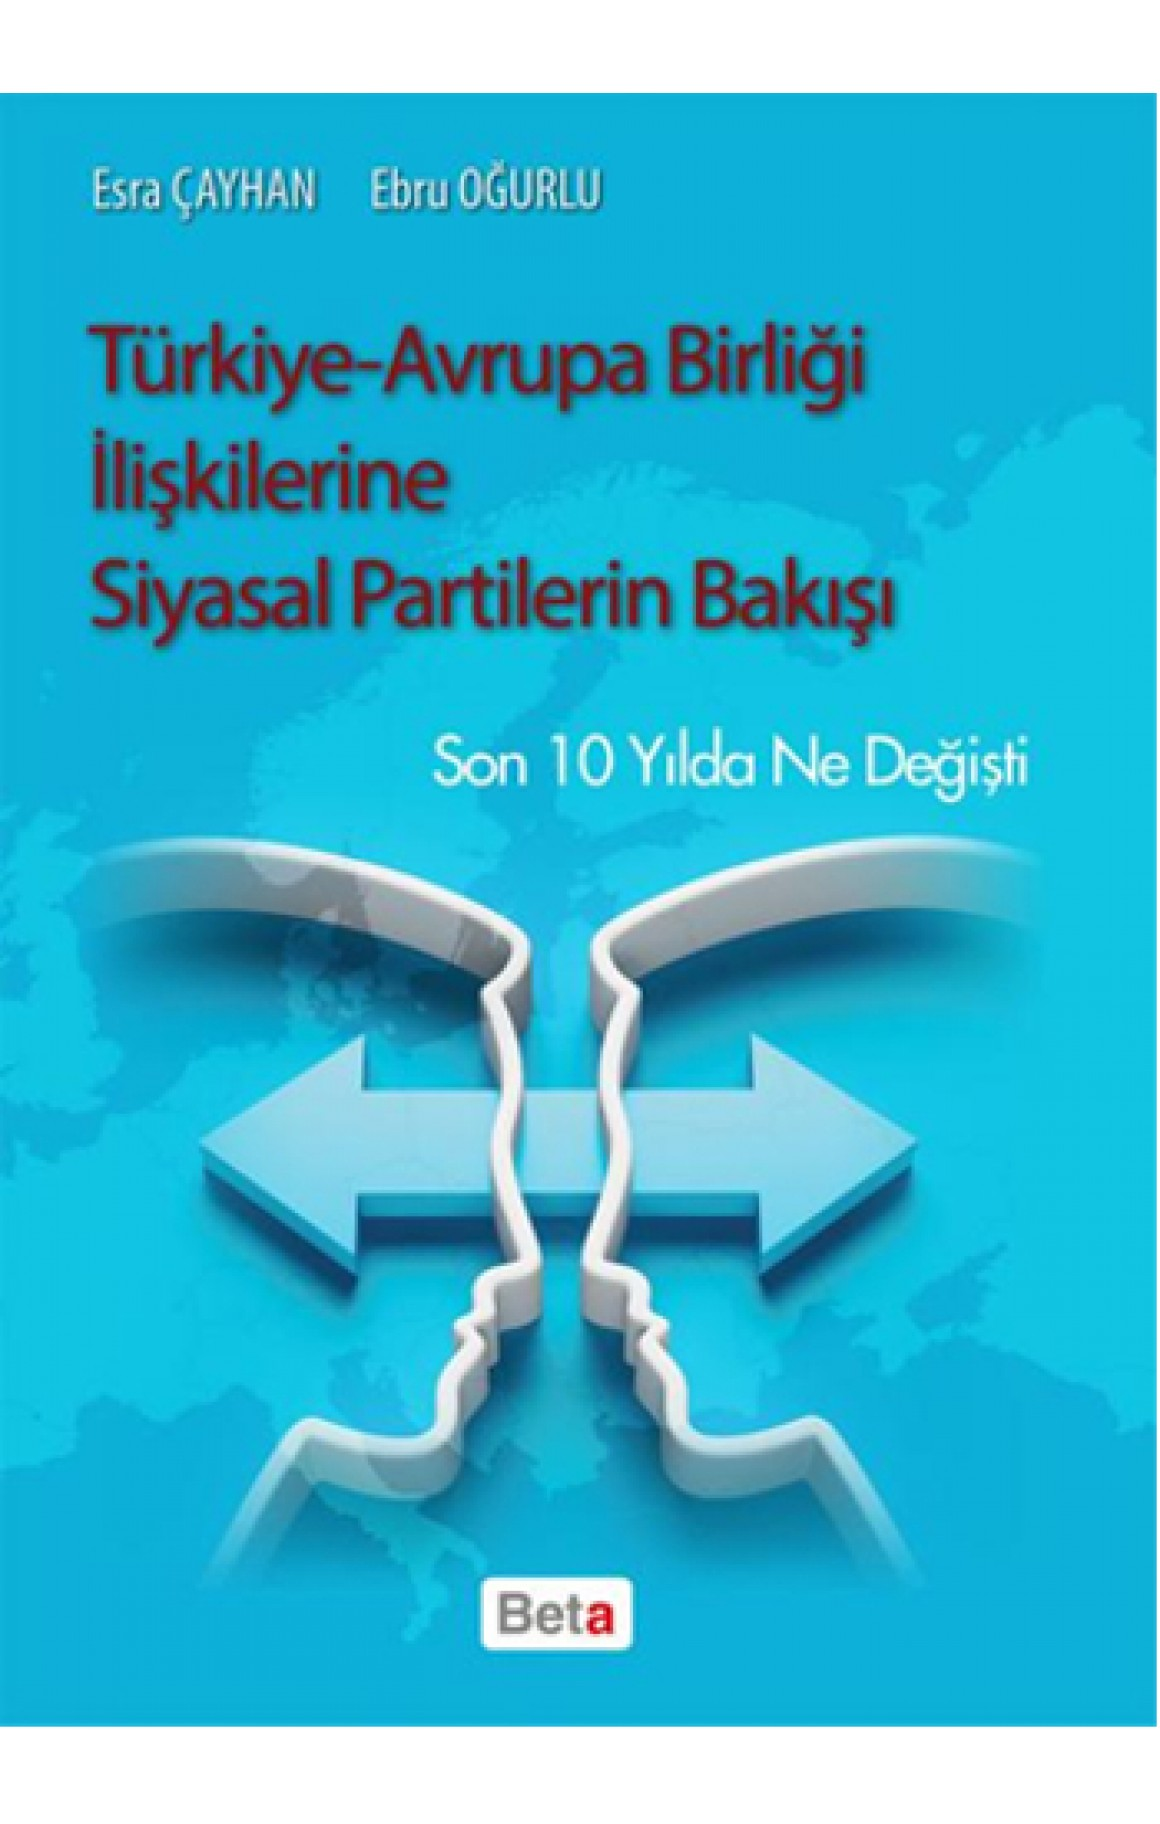 Türkiye - Avrupa Birliği İlişkilerine Siyasal Partilerin Bakışı